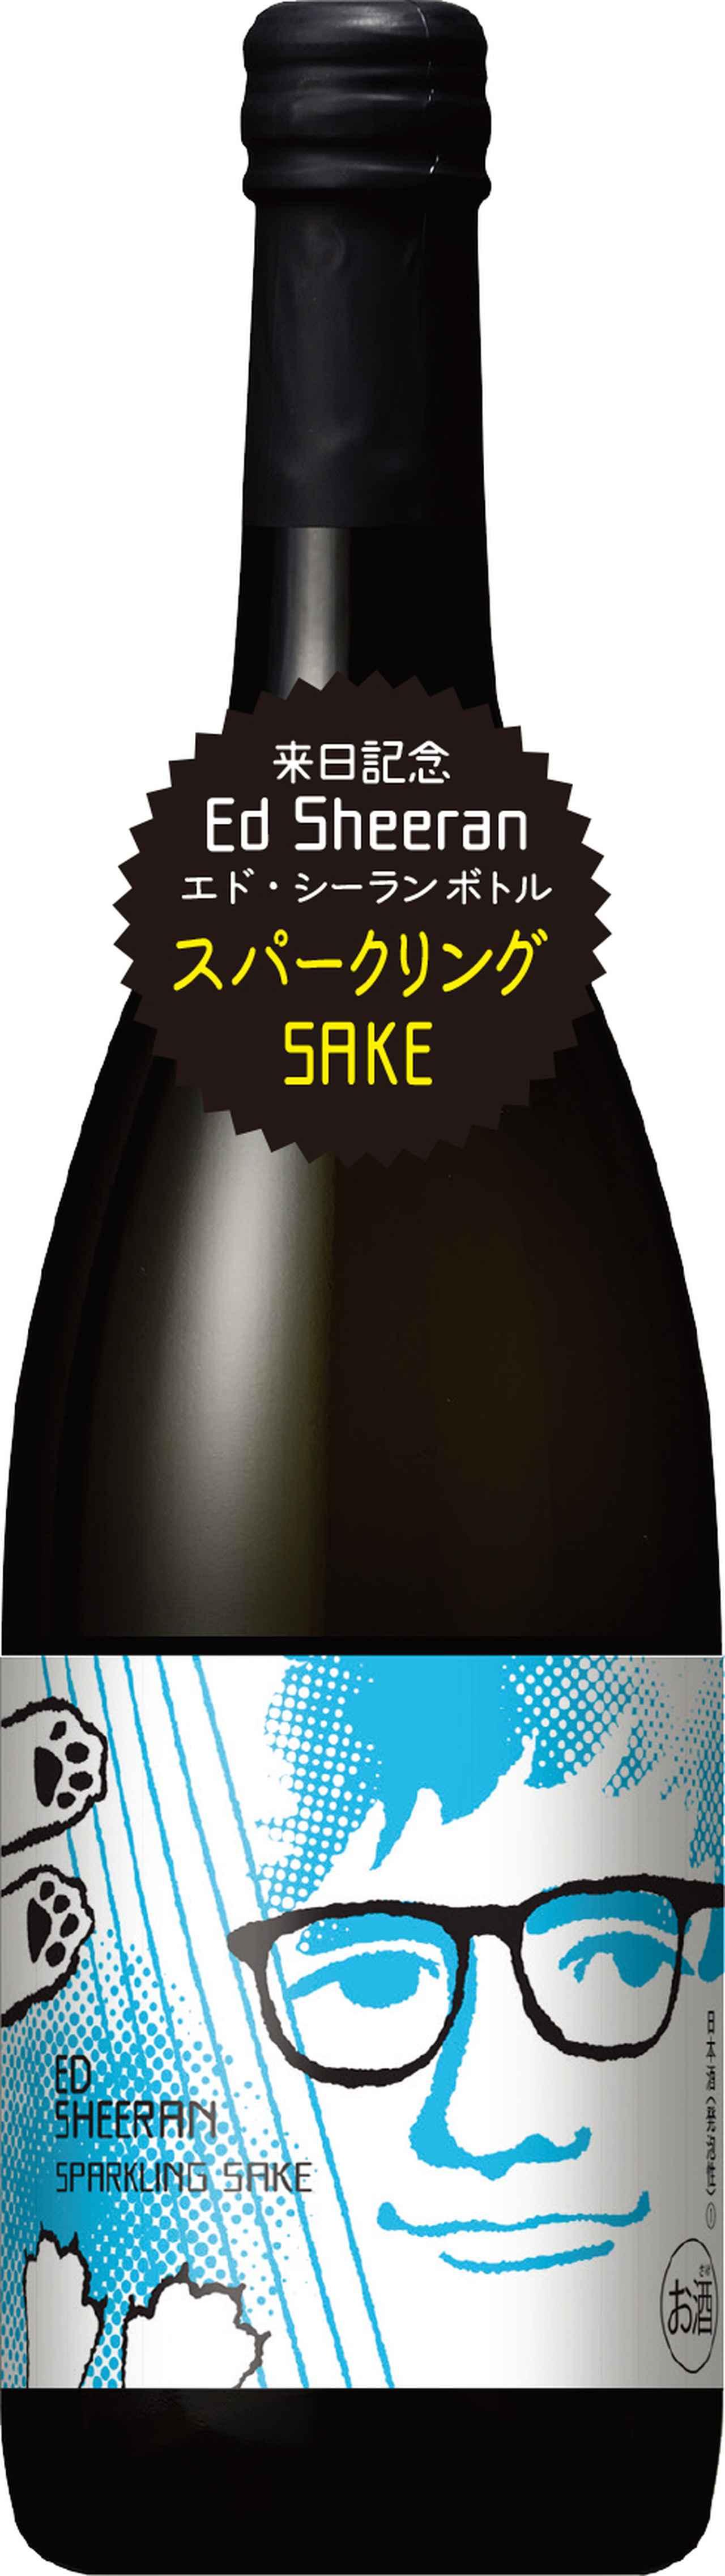 画像3: 実は日本酒ファン!ラベルに似顔絵をあしらった2種類の「エド・シーランボトル」が限定発売!!